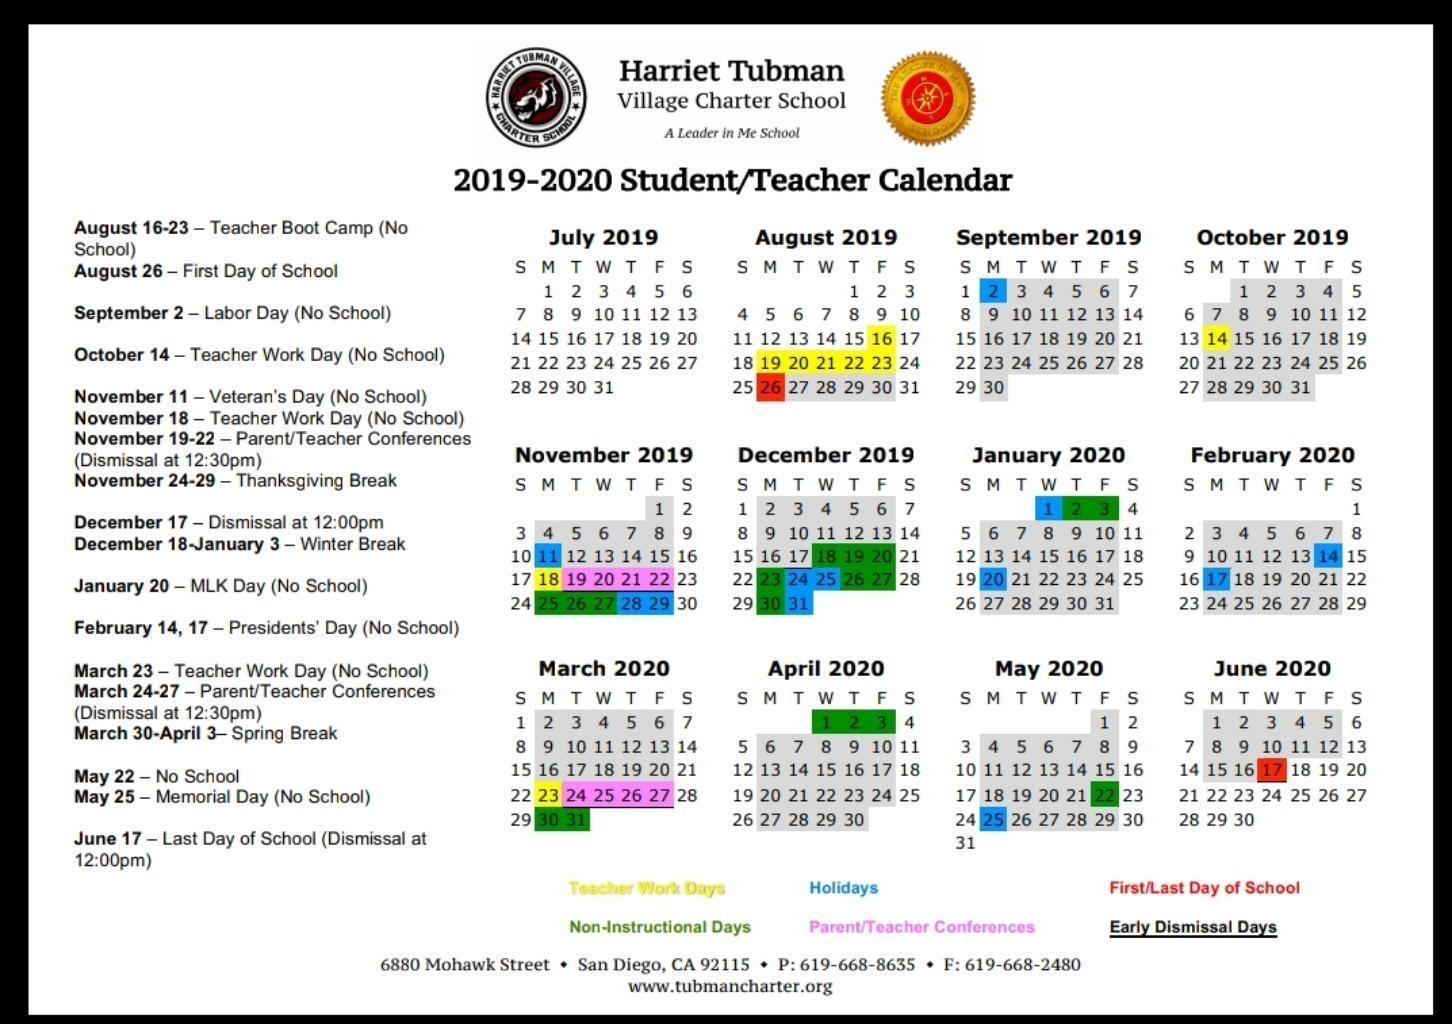 School Year Calendar 2019-20 – School Year Calendar 2019-20 with Calendar 2019-2020 Important Dates